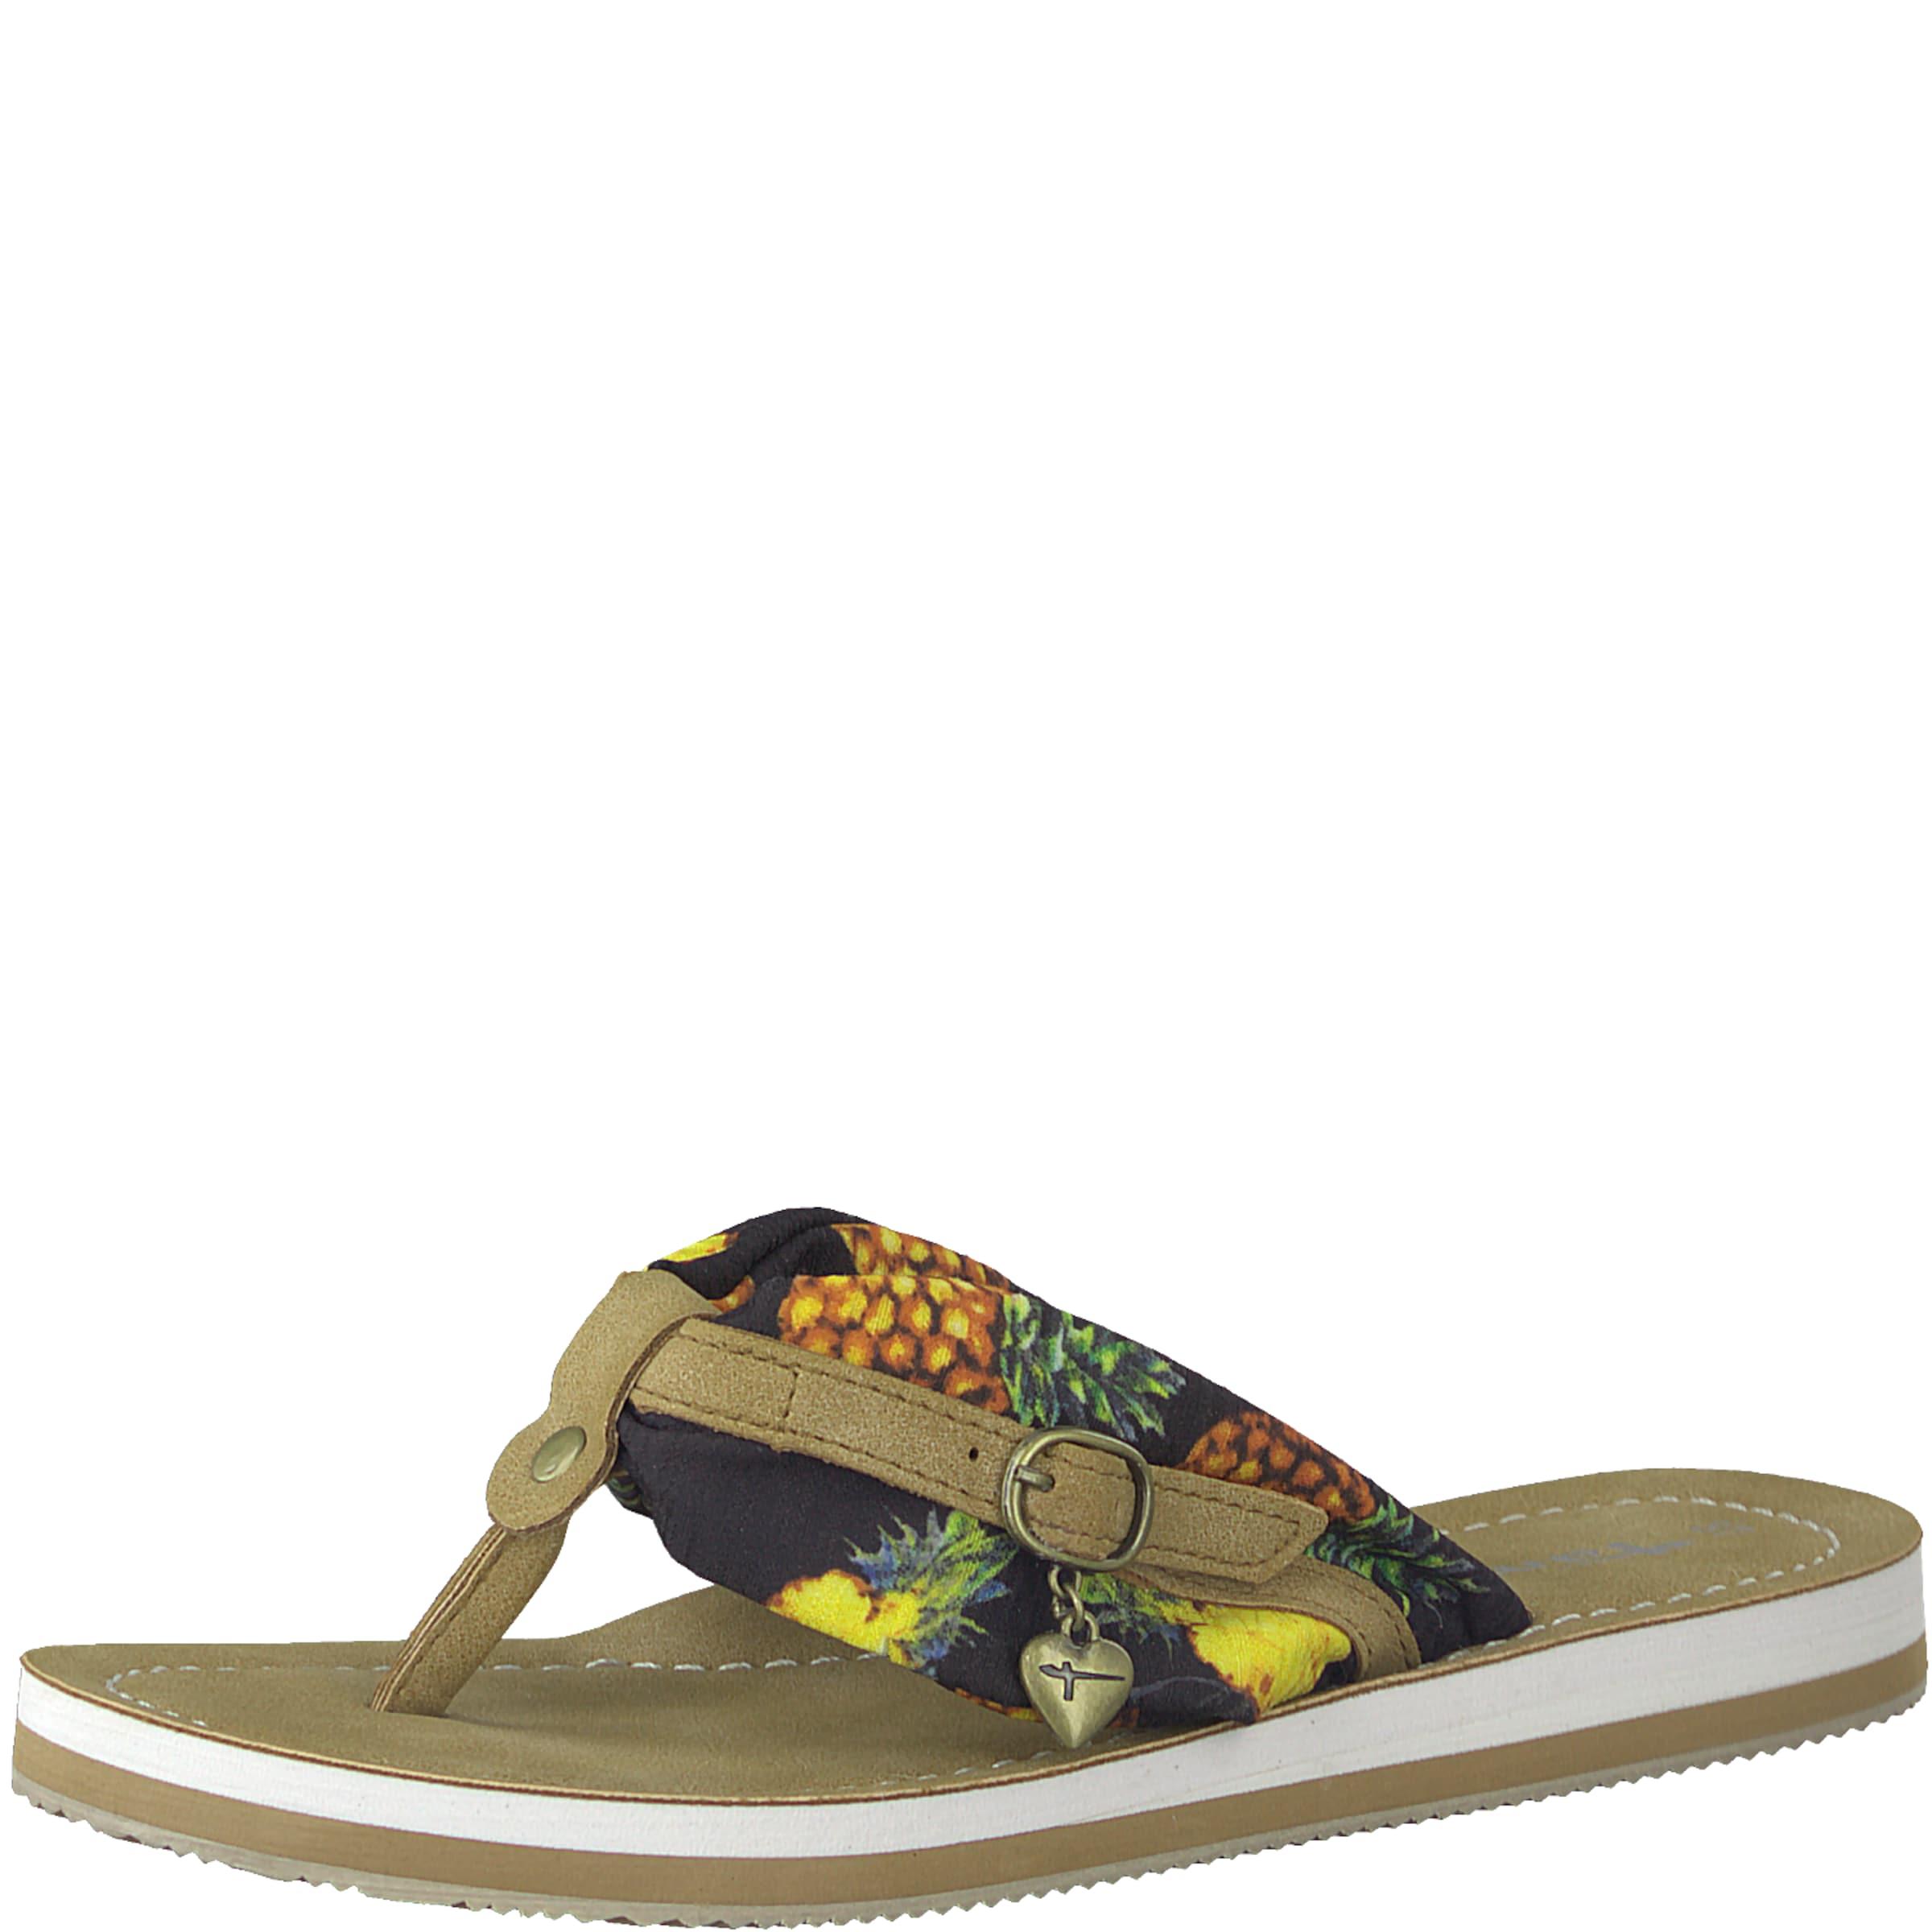 Haltbare Mode Schuhe billige Schuhe TAMARIS | Sandale 'Anhänger' Schuhe Mode Gut getragene Schuhe 5ddd39